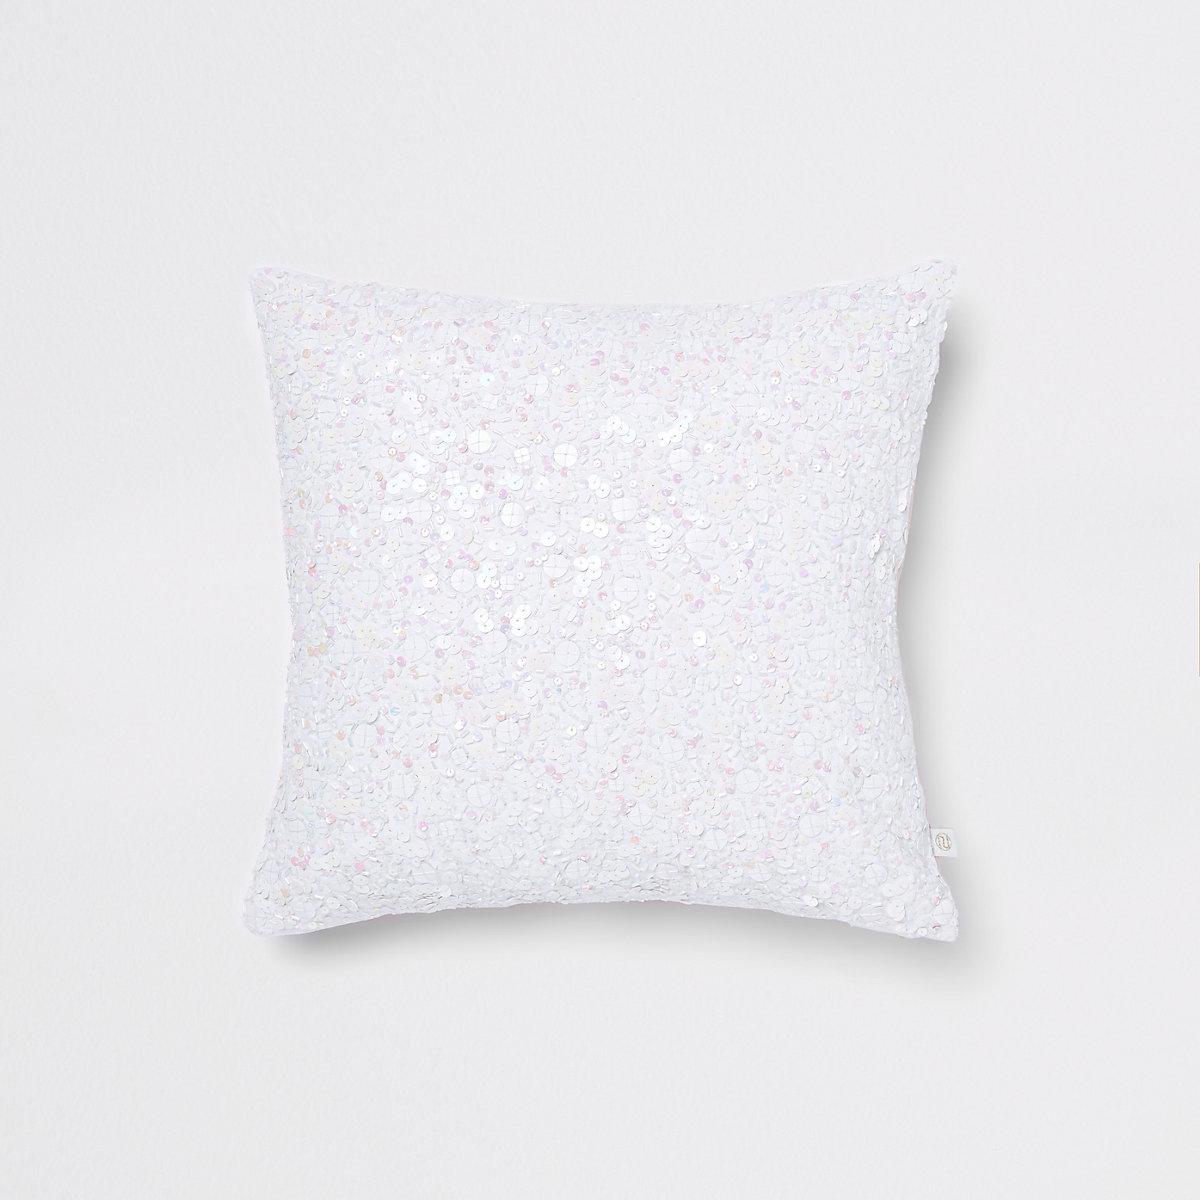 White sequin cushion